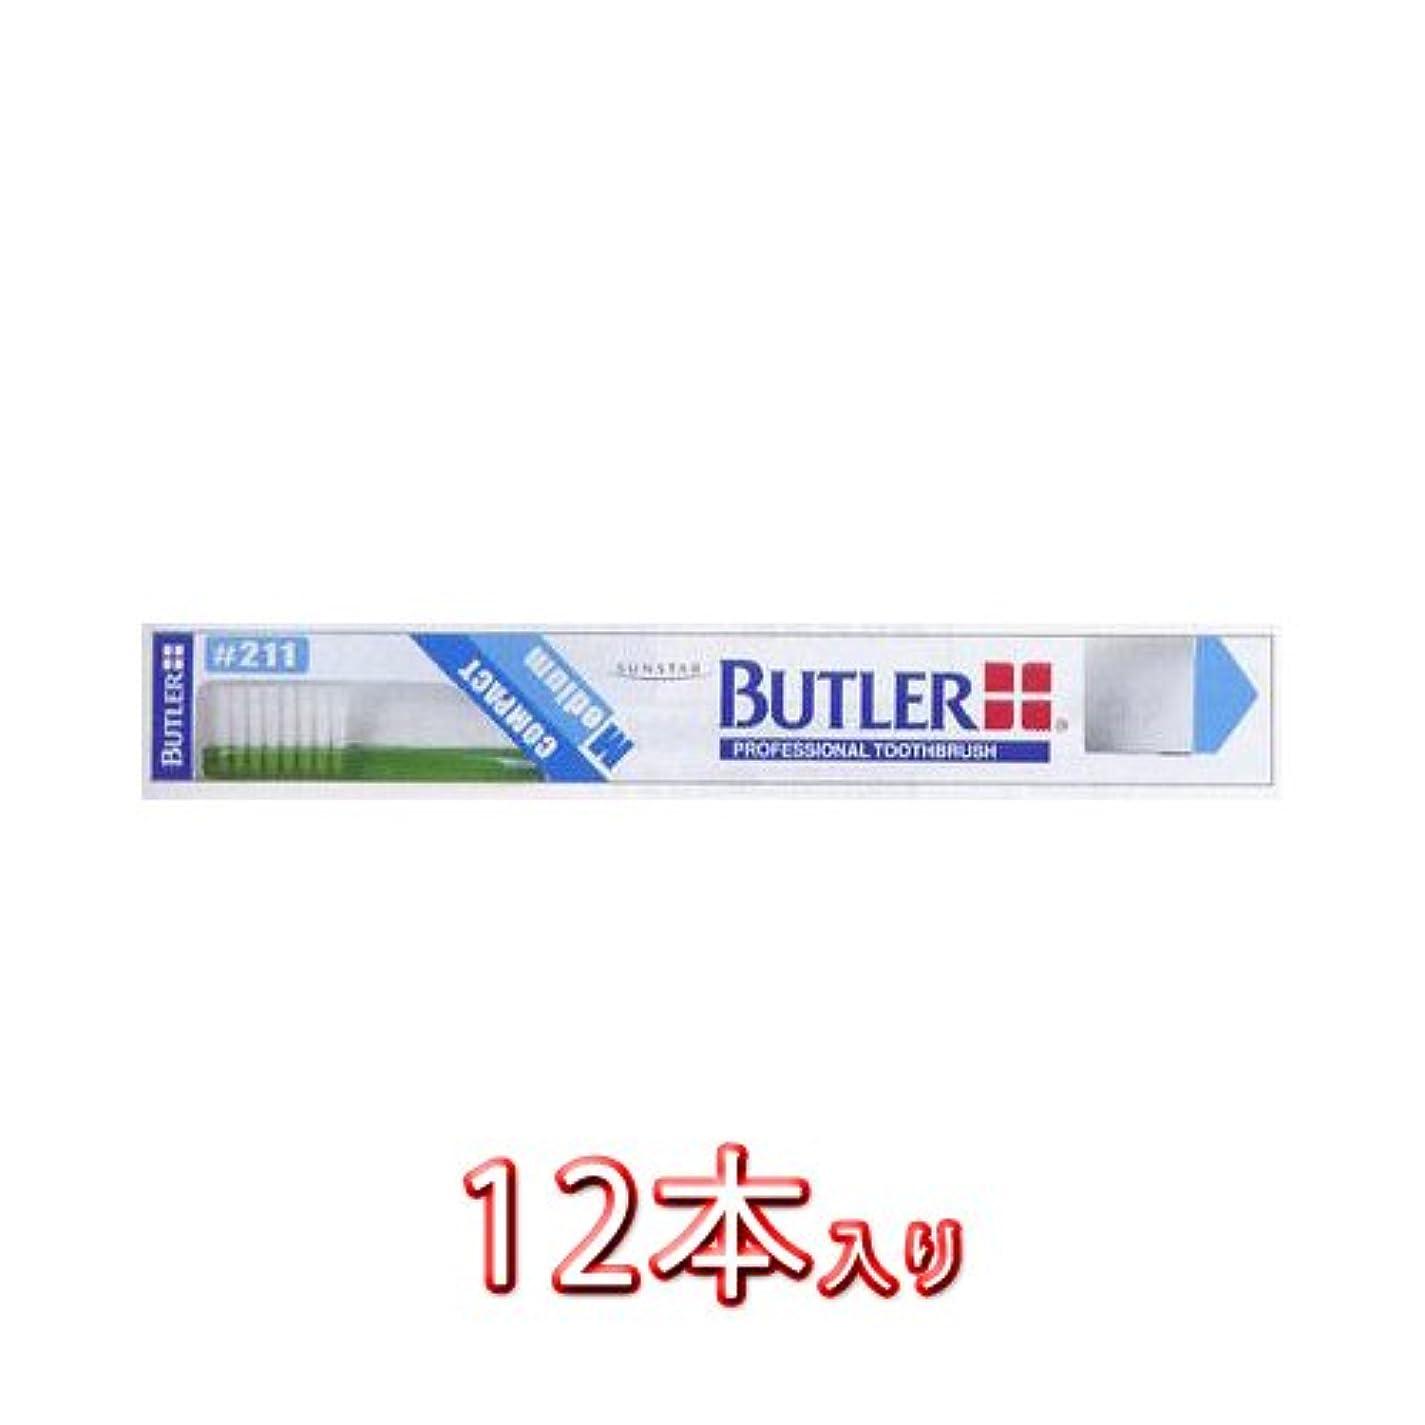 ランクタイムリーなアレキサンダーグラハムベルバトラー 歯ブラシ #211 12本入